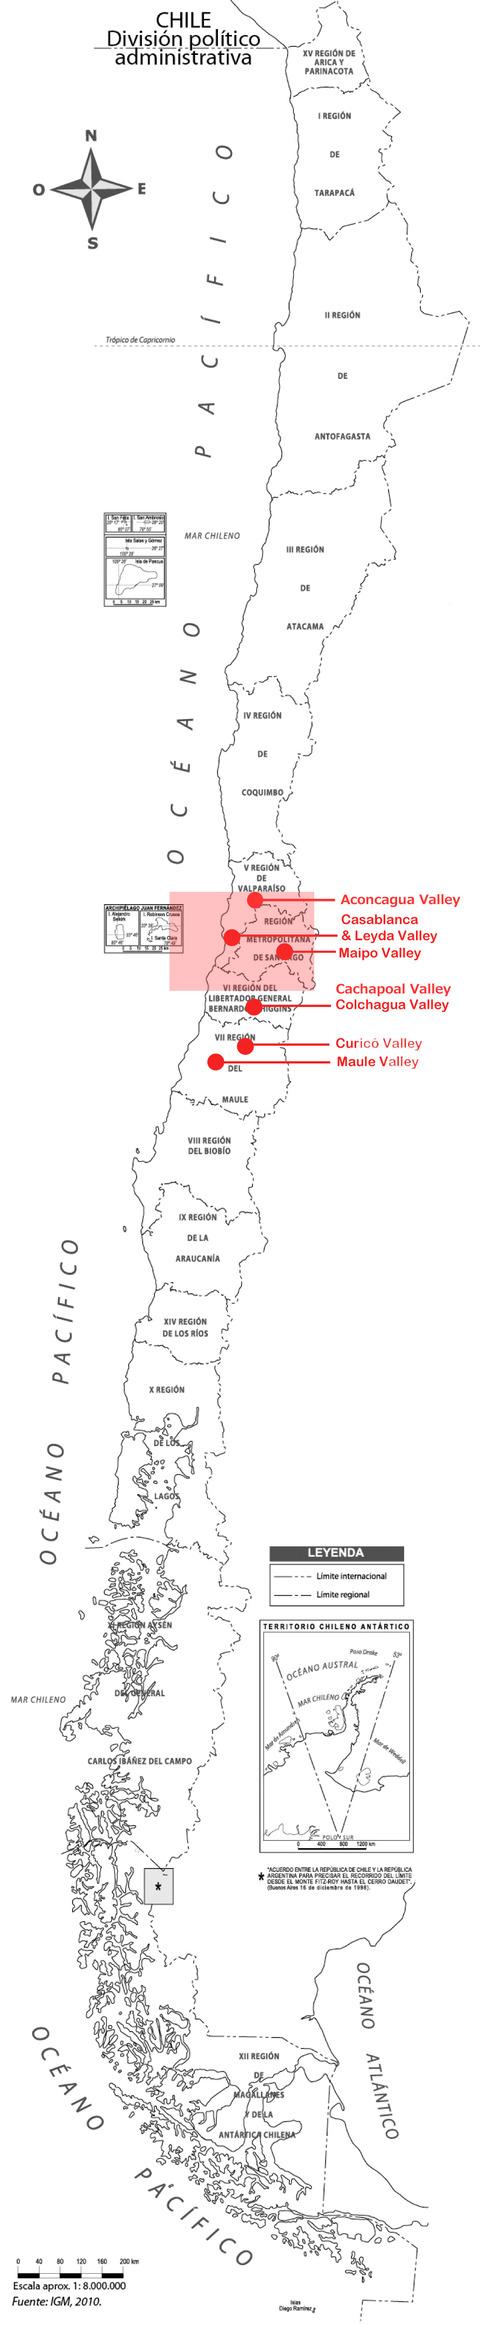 Chile-9